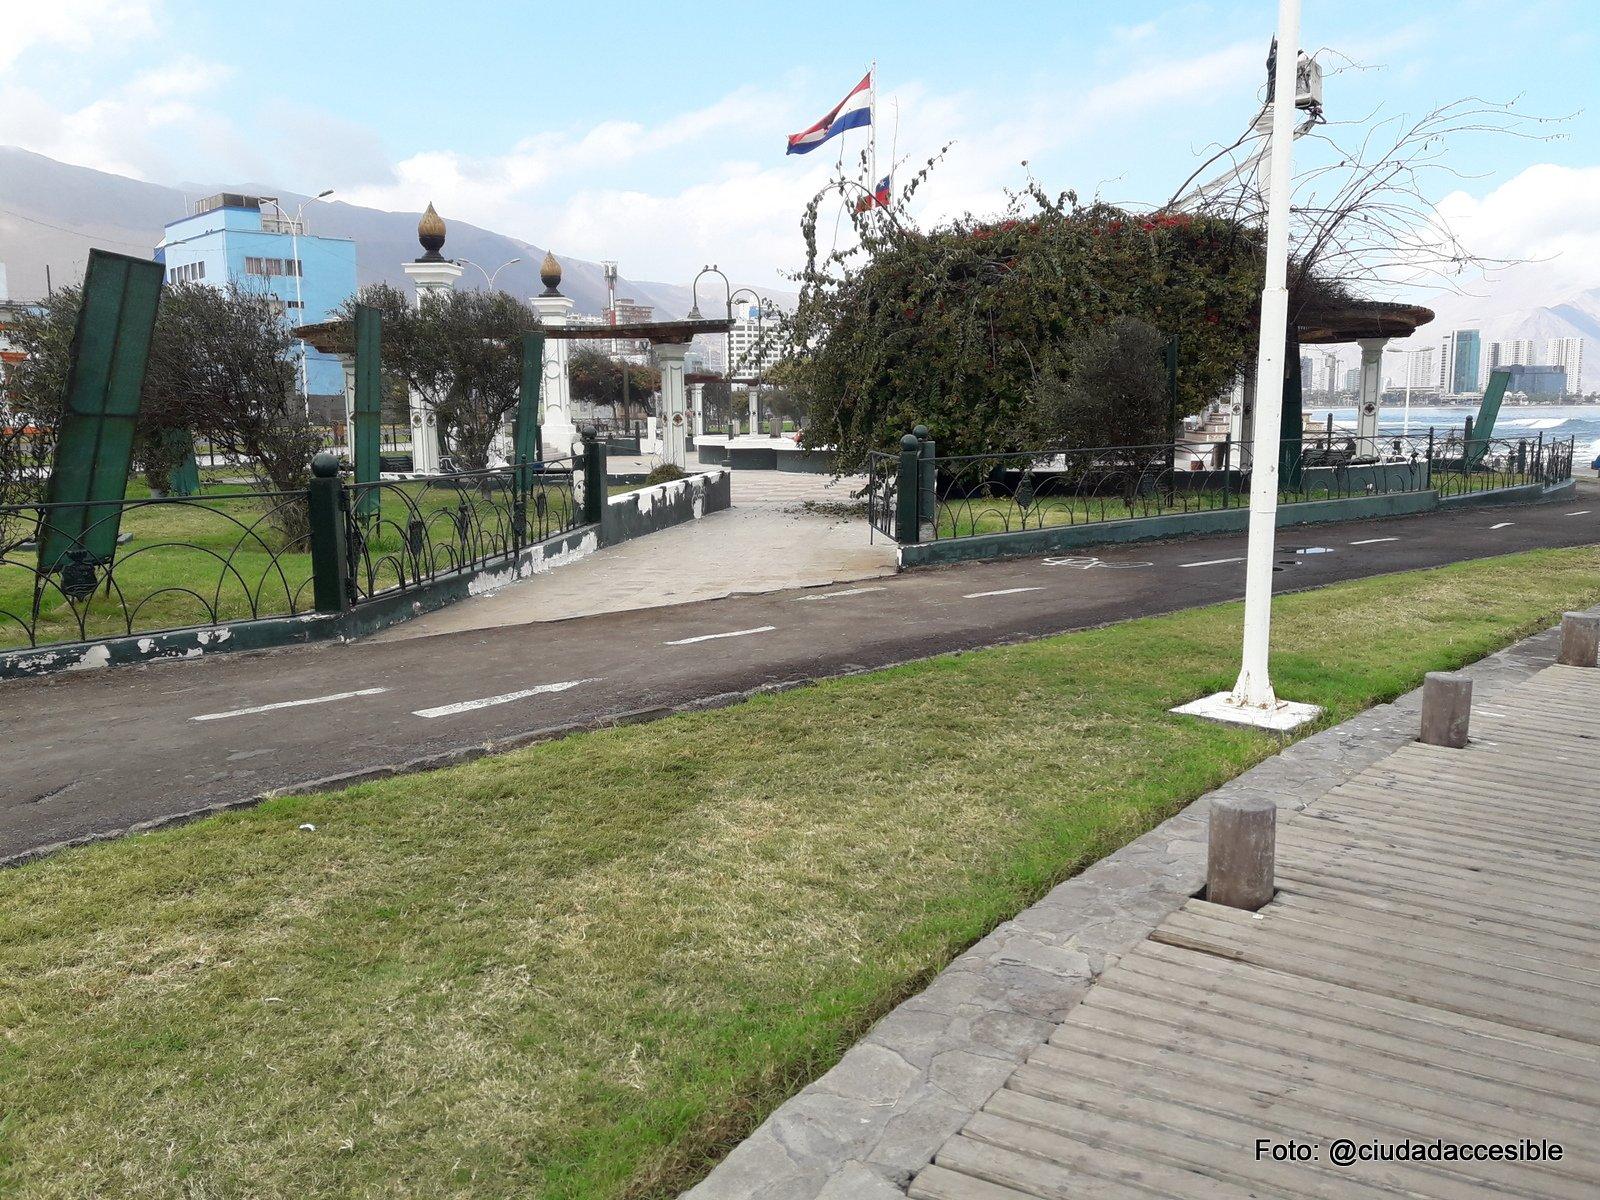 Unión del sendero peatonal desde la plaza Cristobal Colón hacia ciclovía sin demarcación cebra ni conexión a ruta peatonal